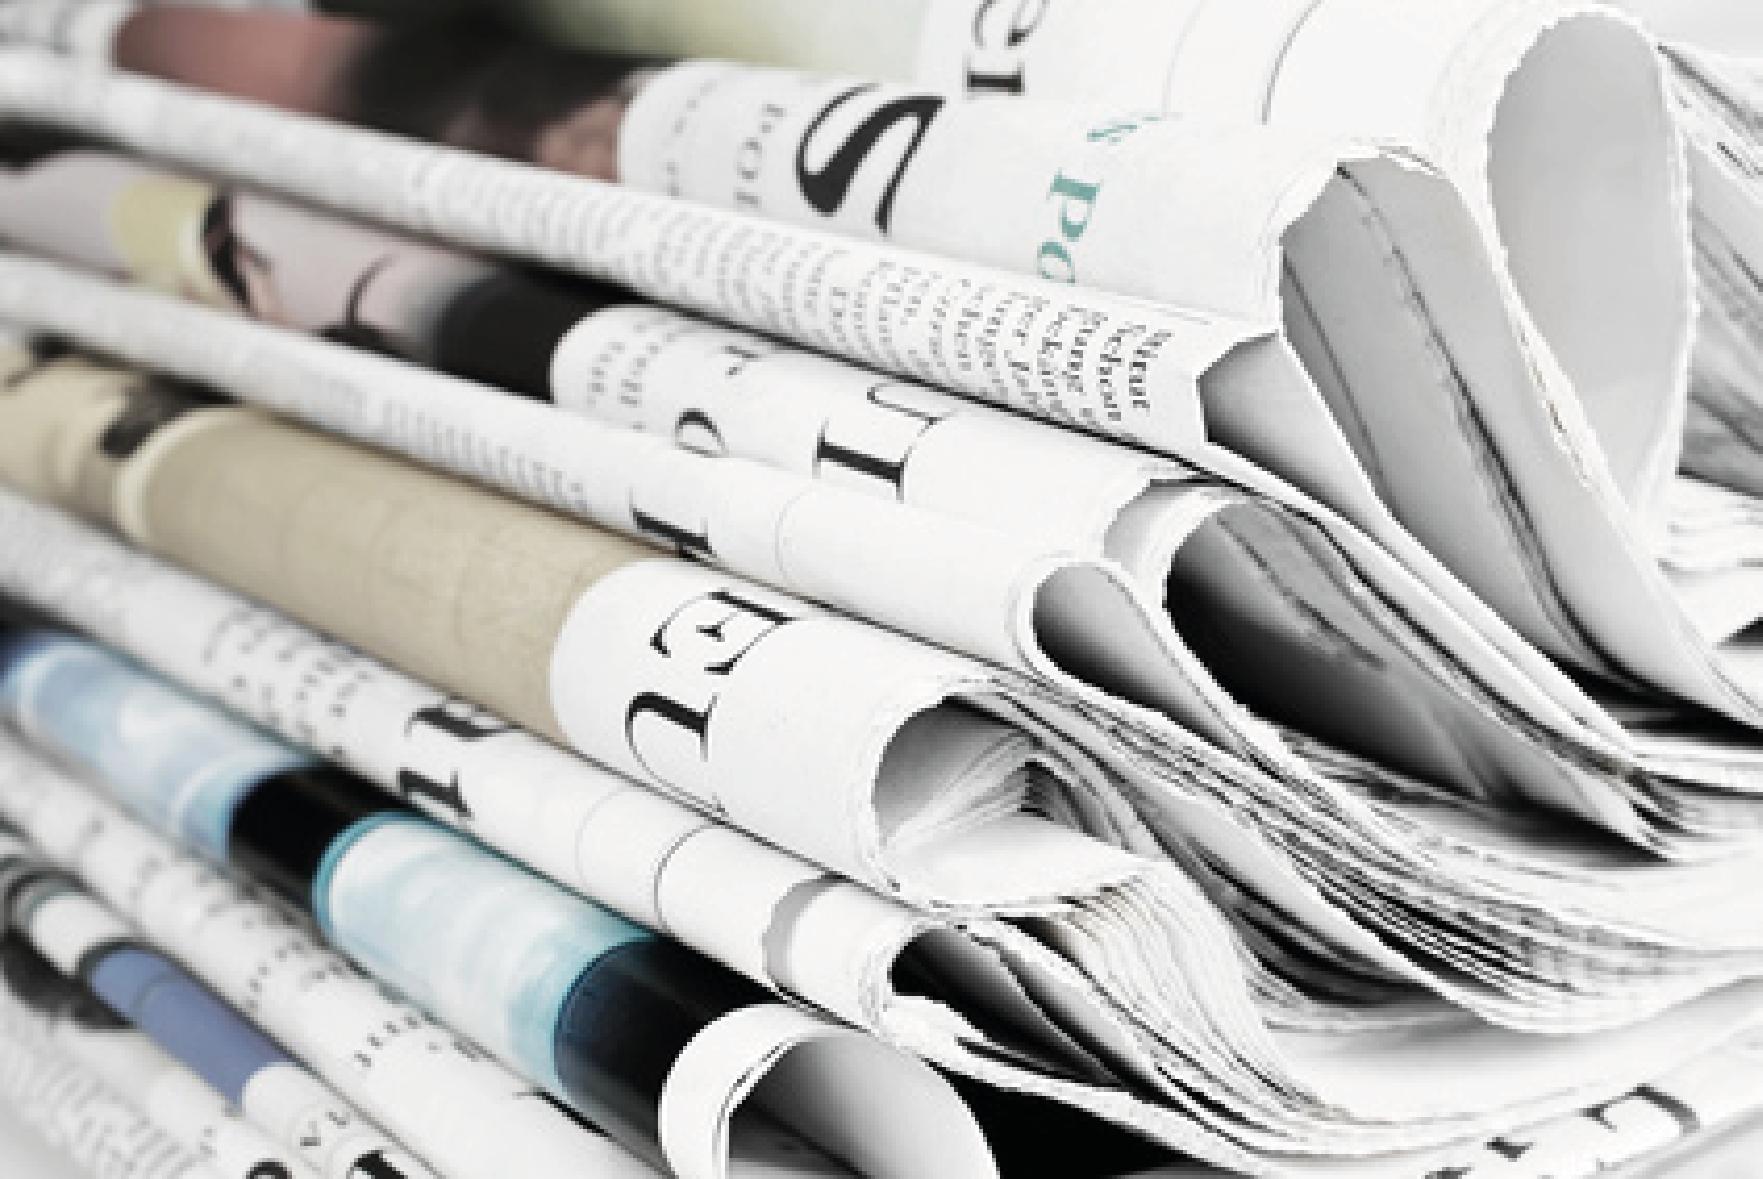 Medien: Quellen